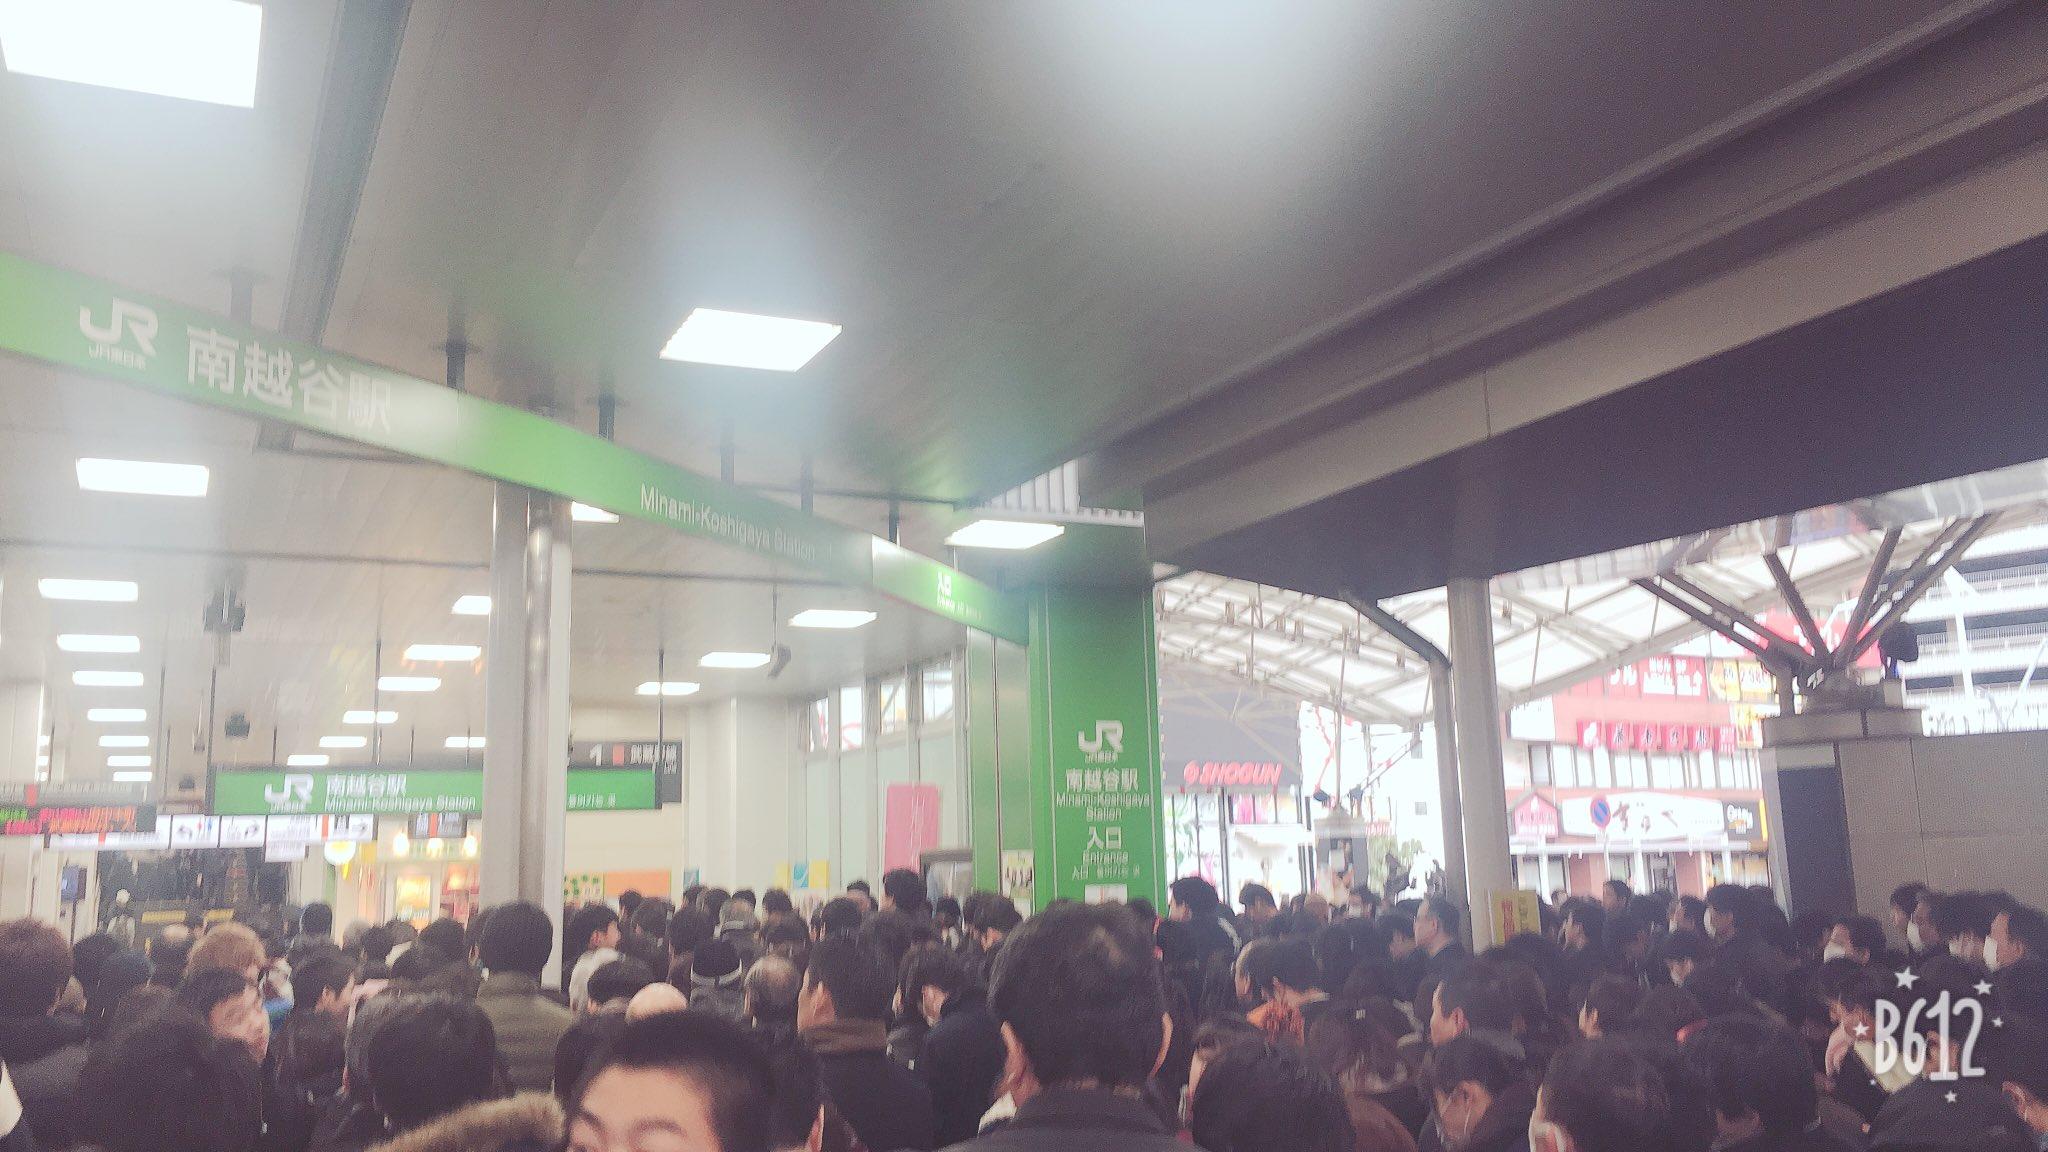 画像,武蔵野線1時間の遅延😇😇🖕🖕ご覧の通り南越谷駅では人が溢れかえってますF〇〇k y〇u https://t.co/mF2HBrUezp…